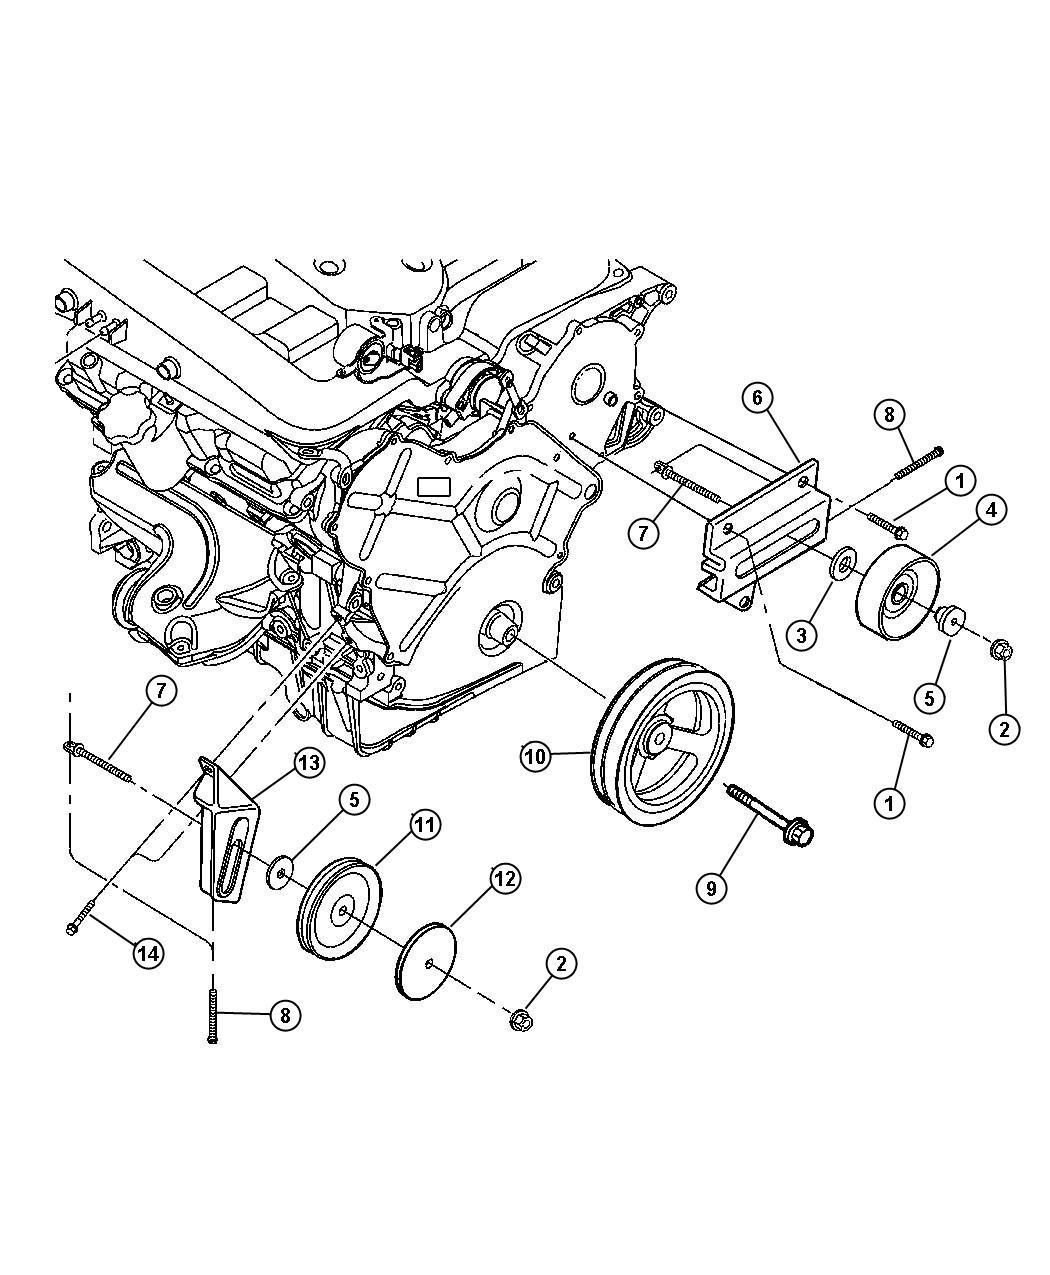 Brakes for 2002 chrysler 300m 2012 chrysler 300m fuse box diagram at nhrt info